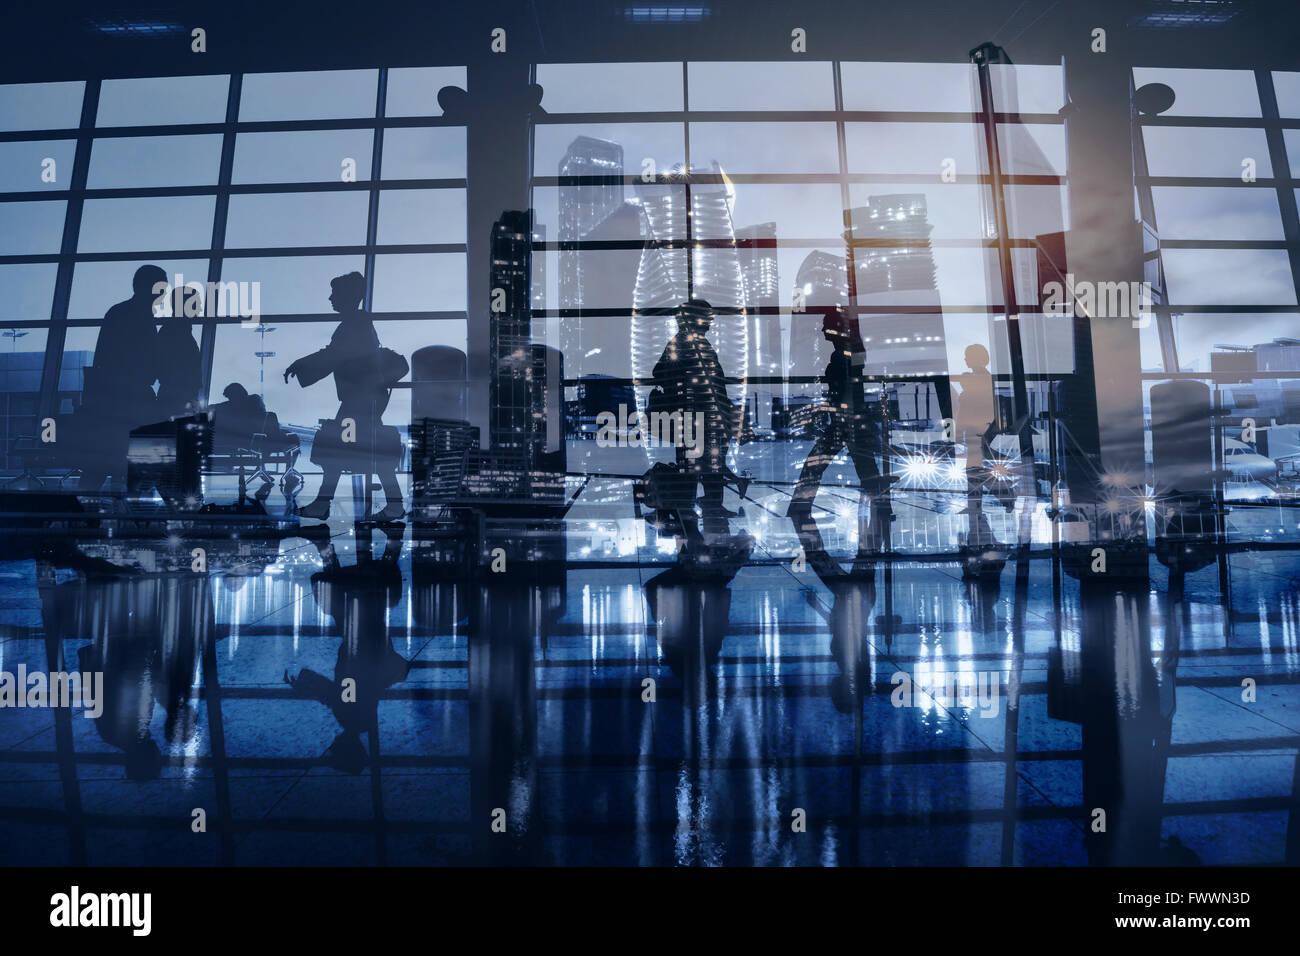 La gente di affari a piedi nella città moderna, abstract blue background urbano, pendolari, bella doppia esposizione Immagini Stock